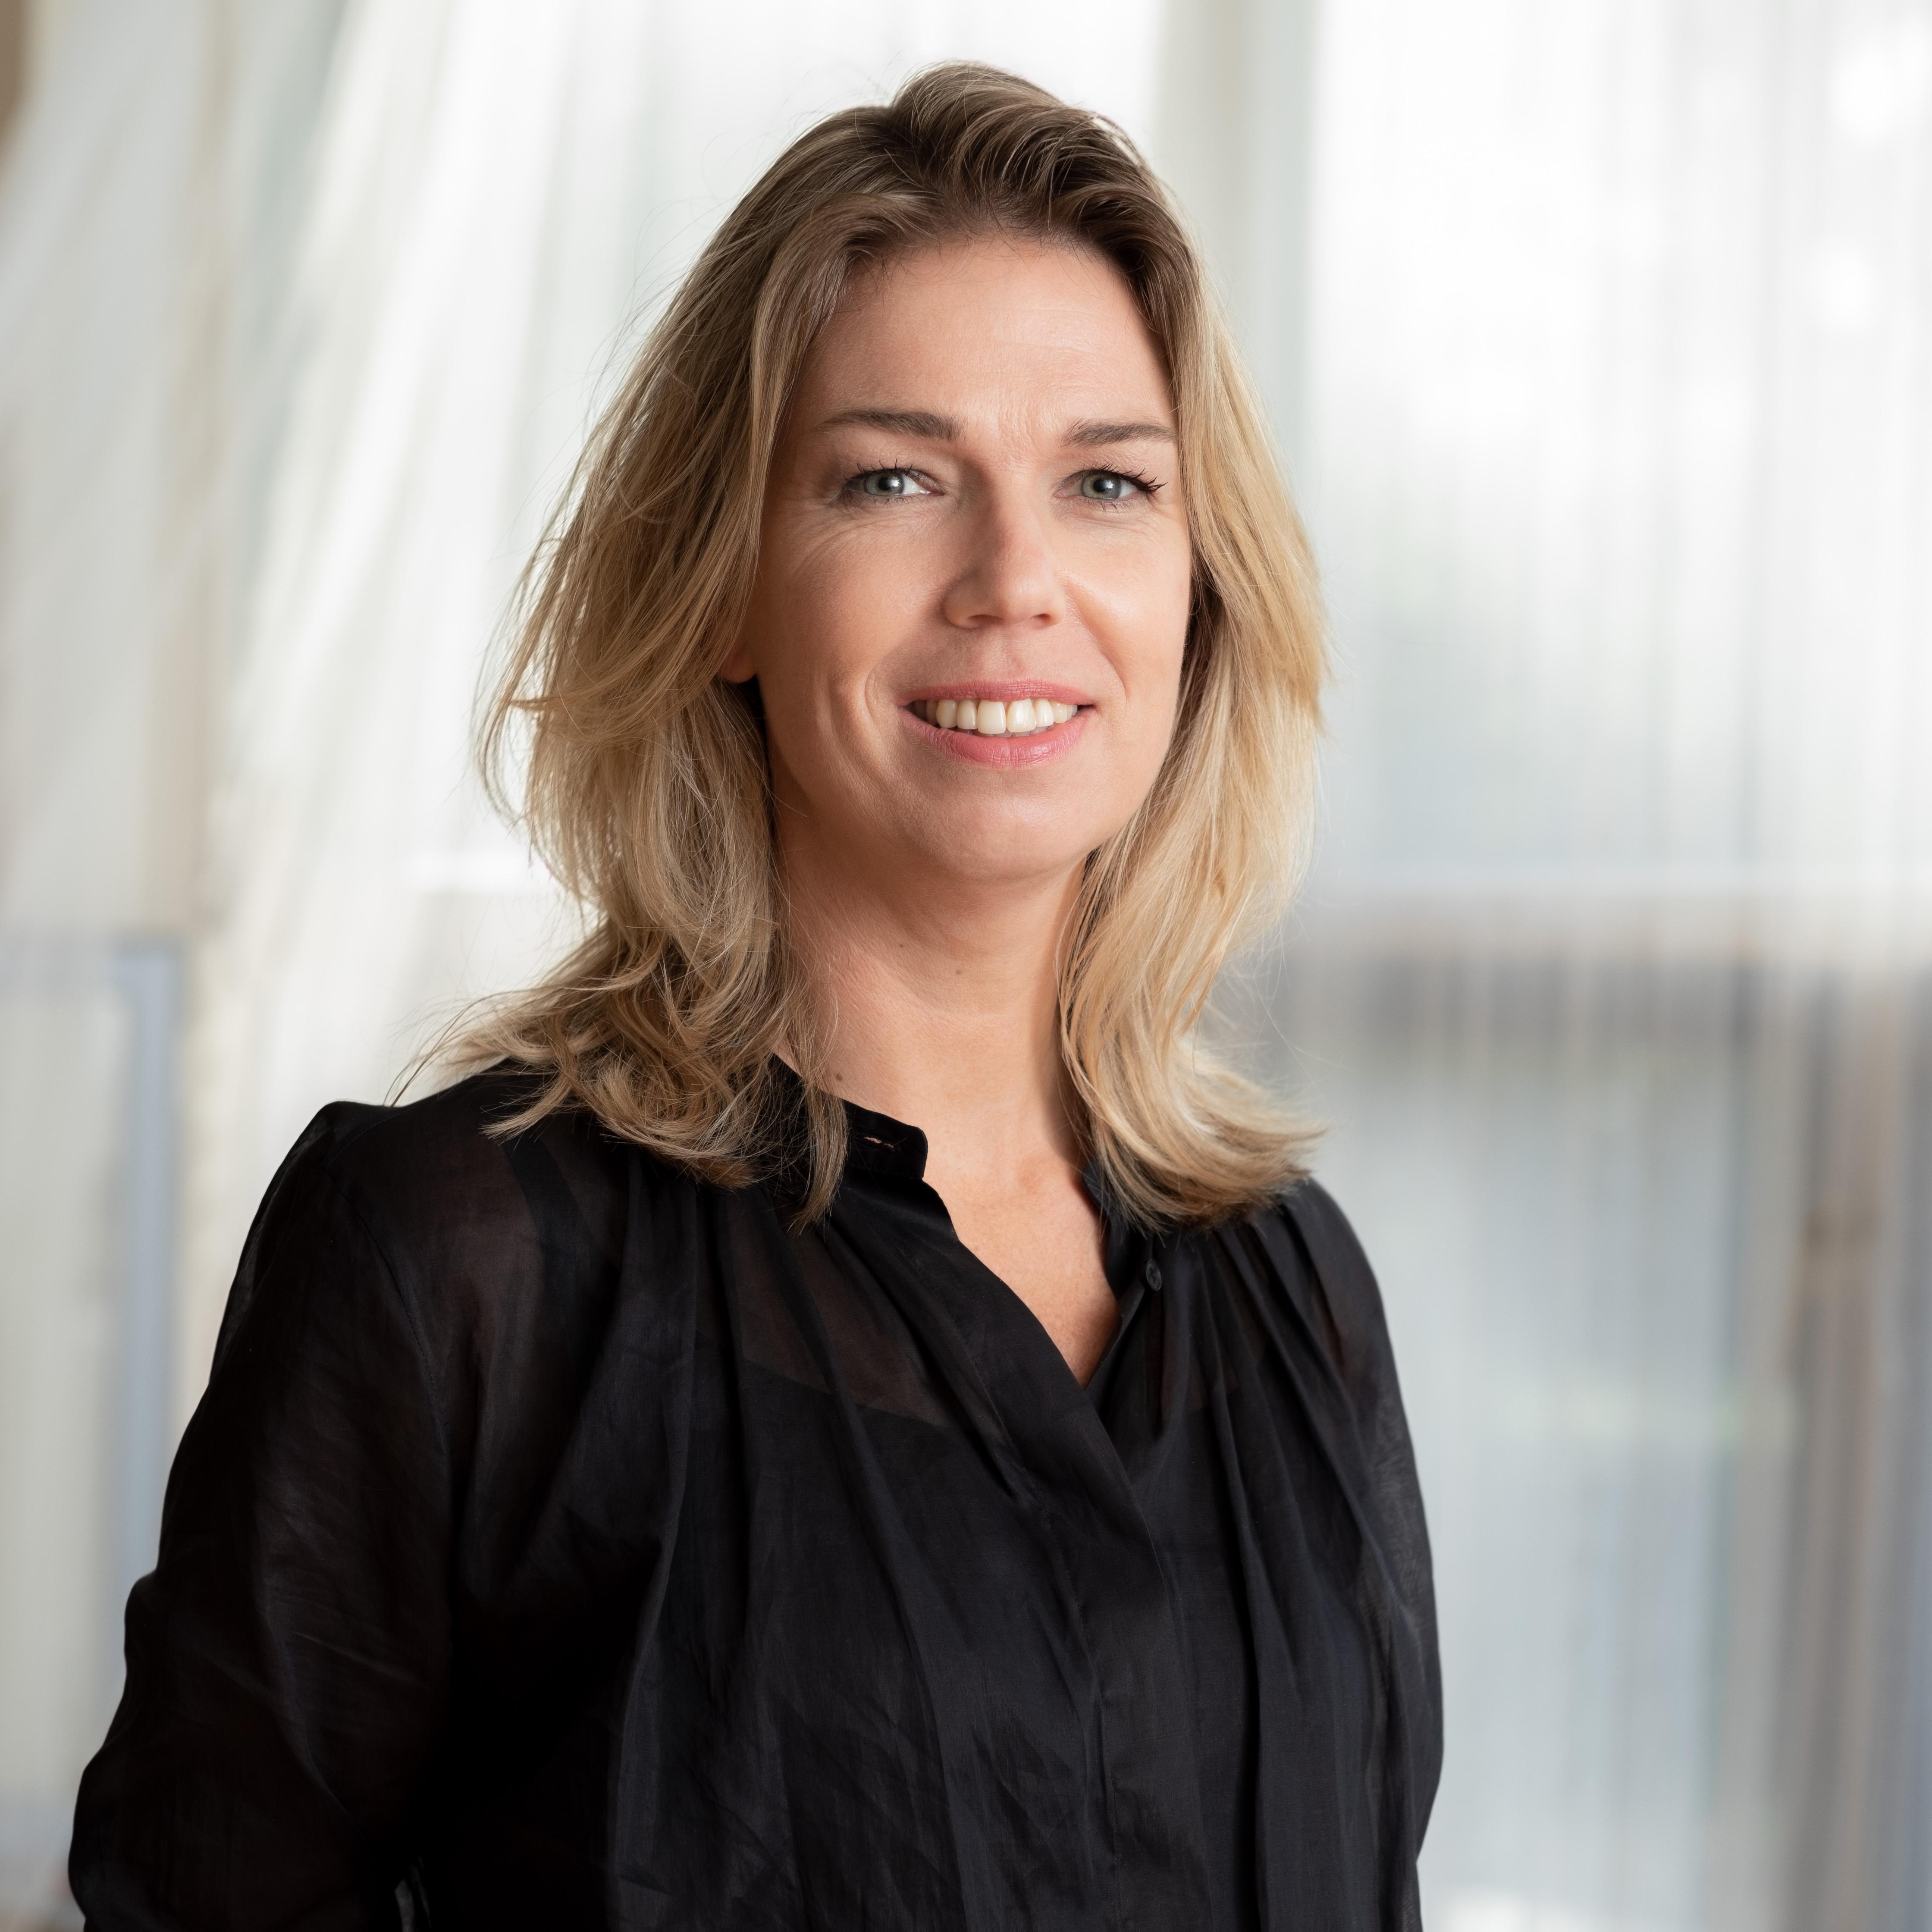 Suzanne-Swarts-Hessel-Waalewijn